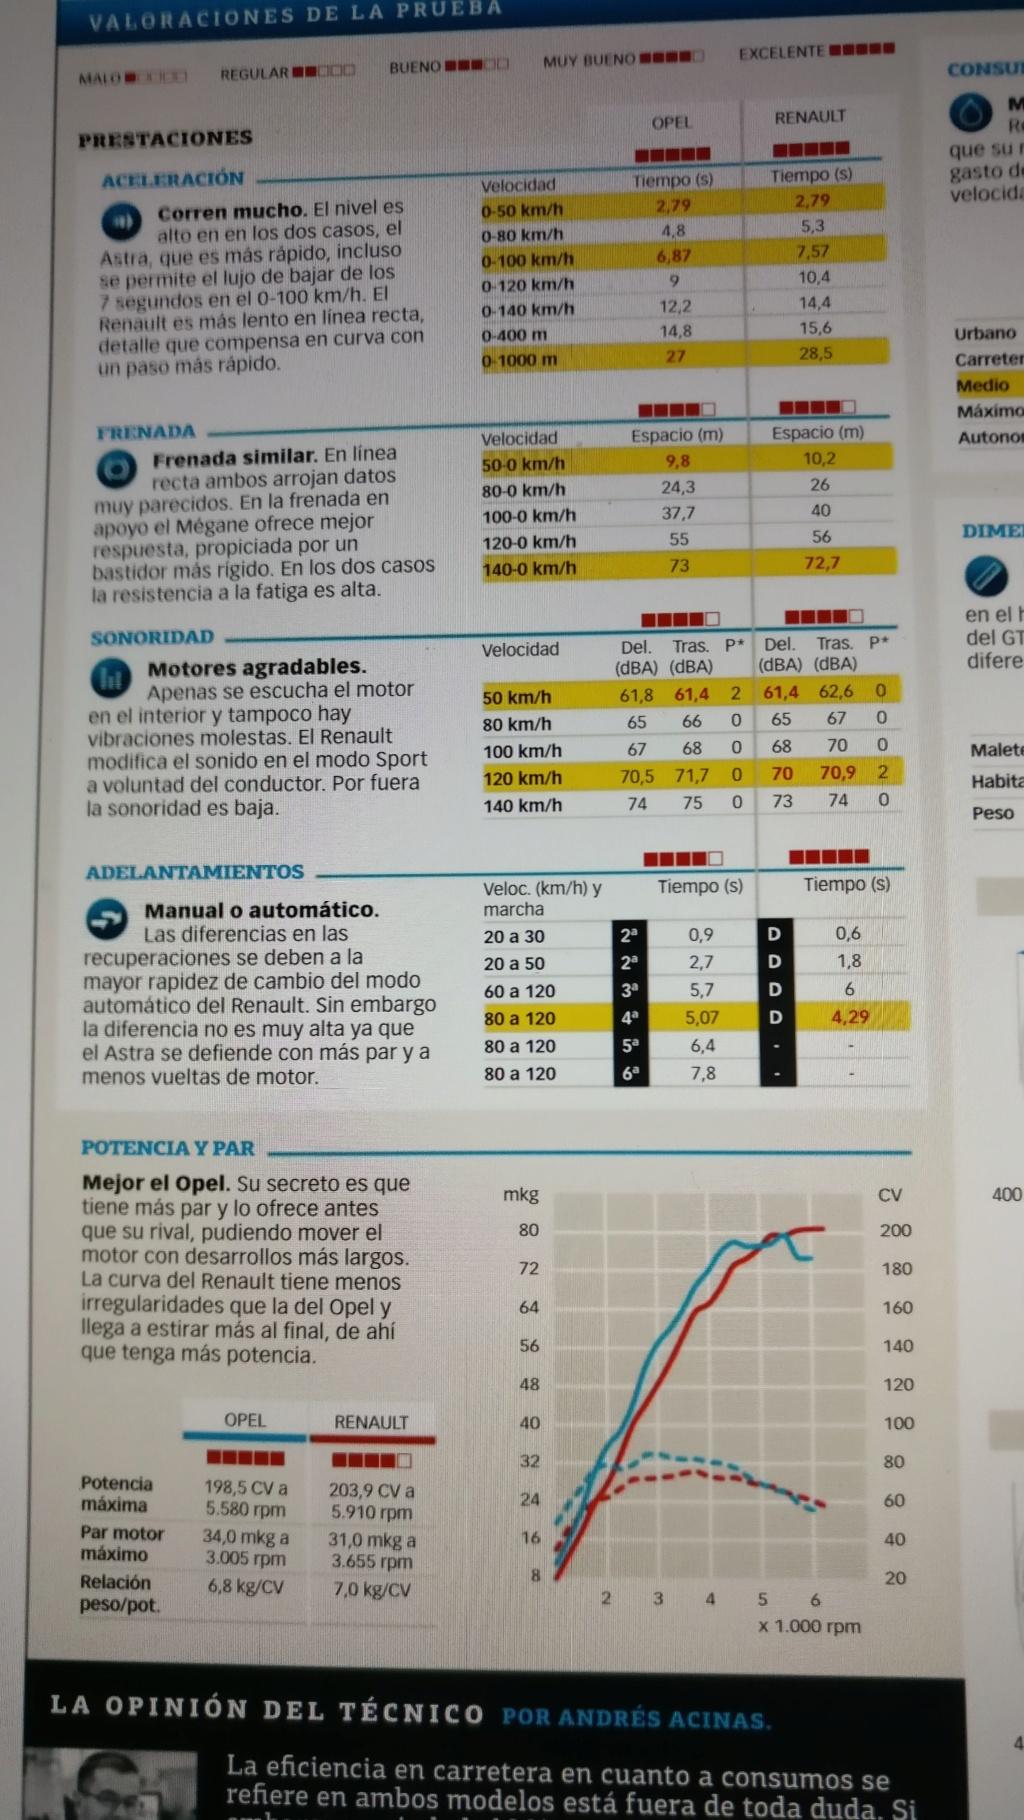 Potencia real astra 200cv Img-2010